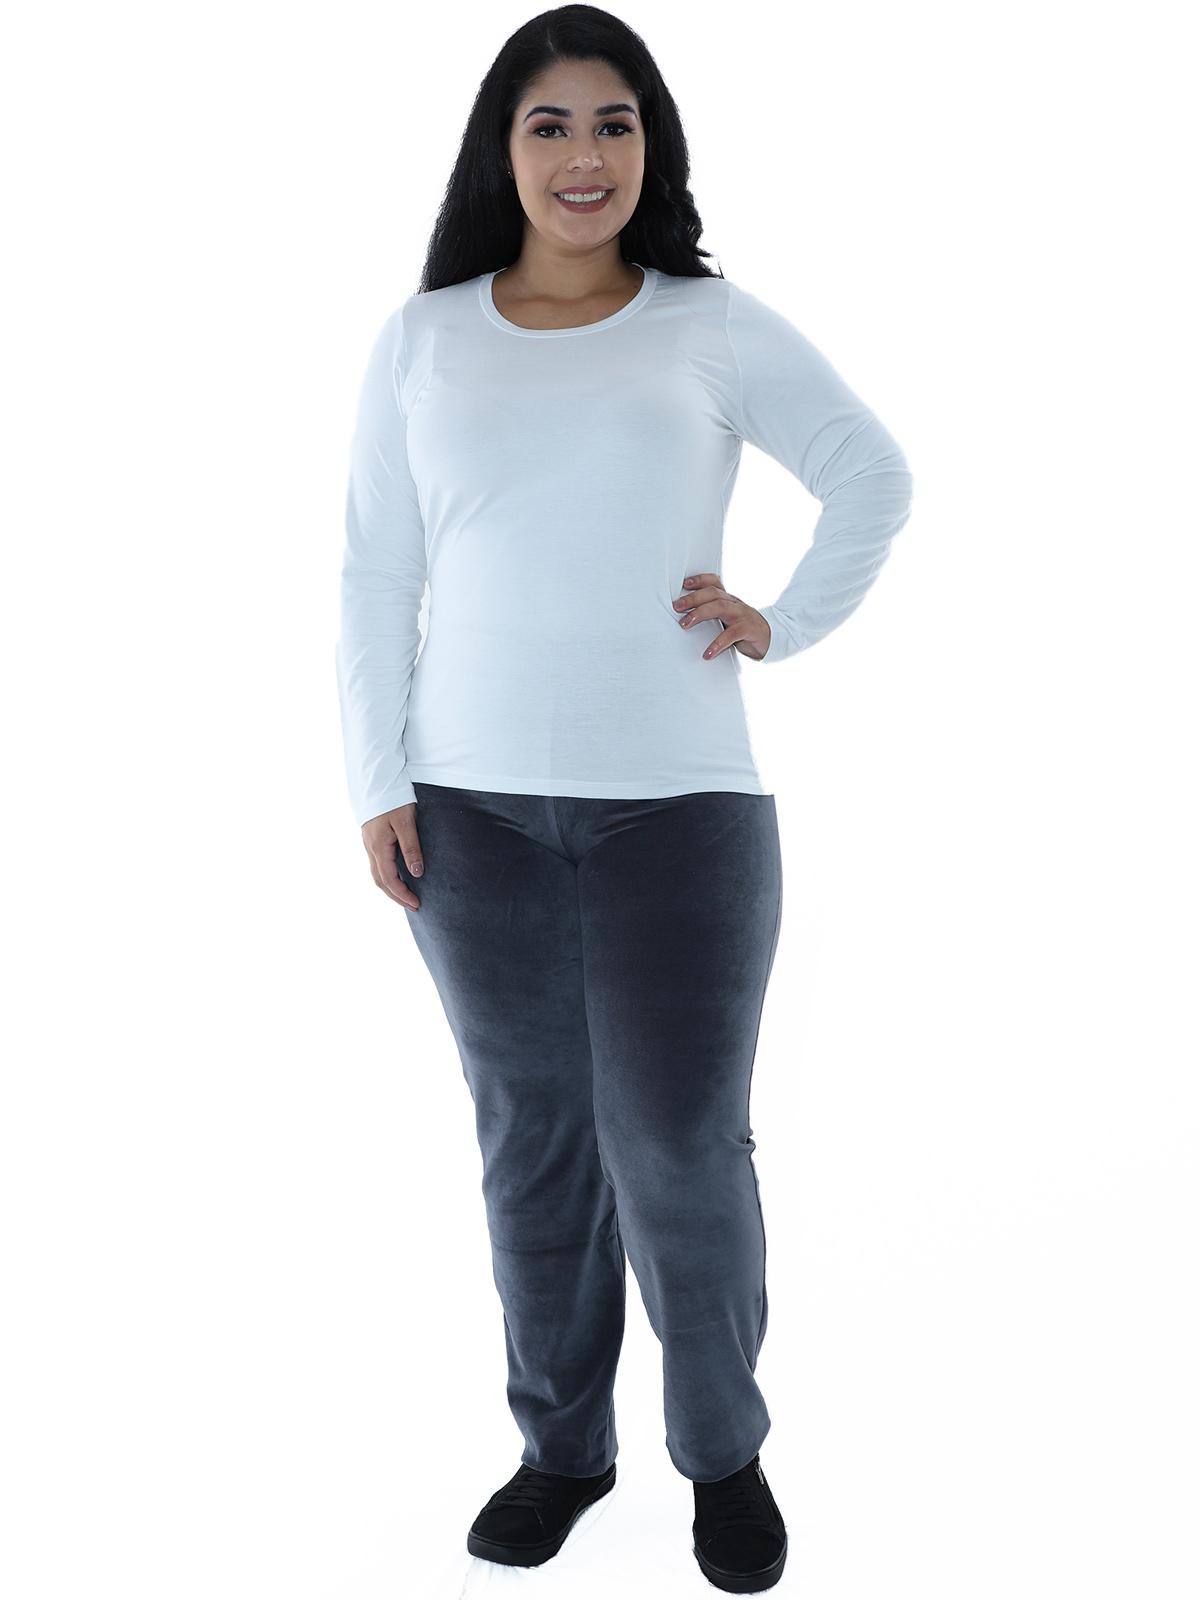 Calça Plus Size Feminina de Plush Cinza